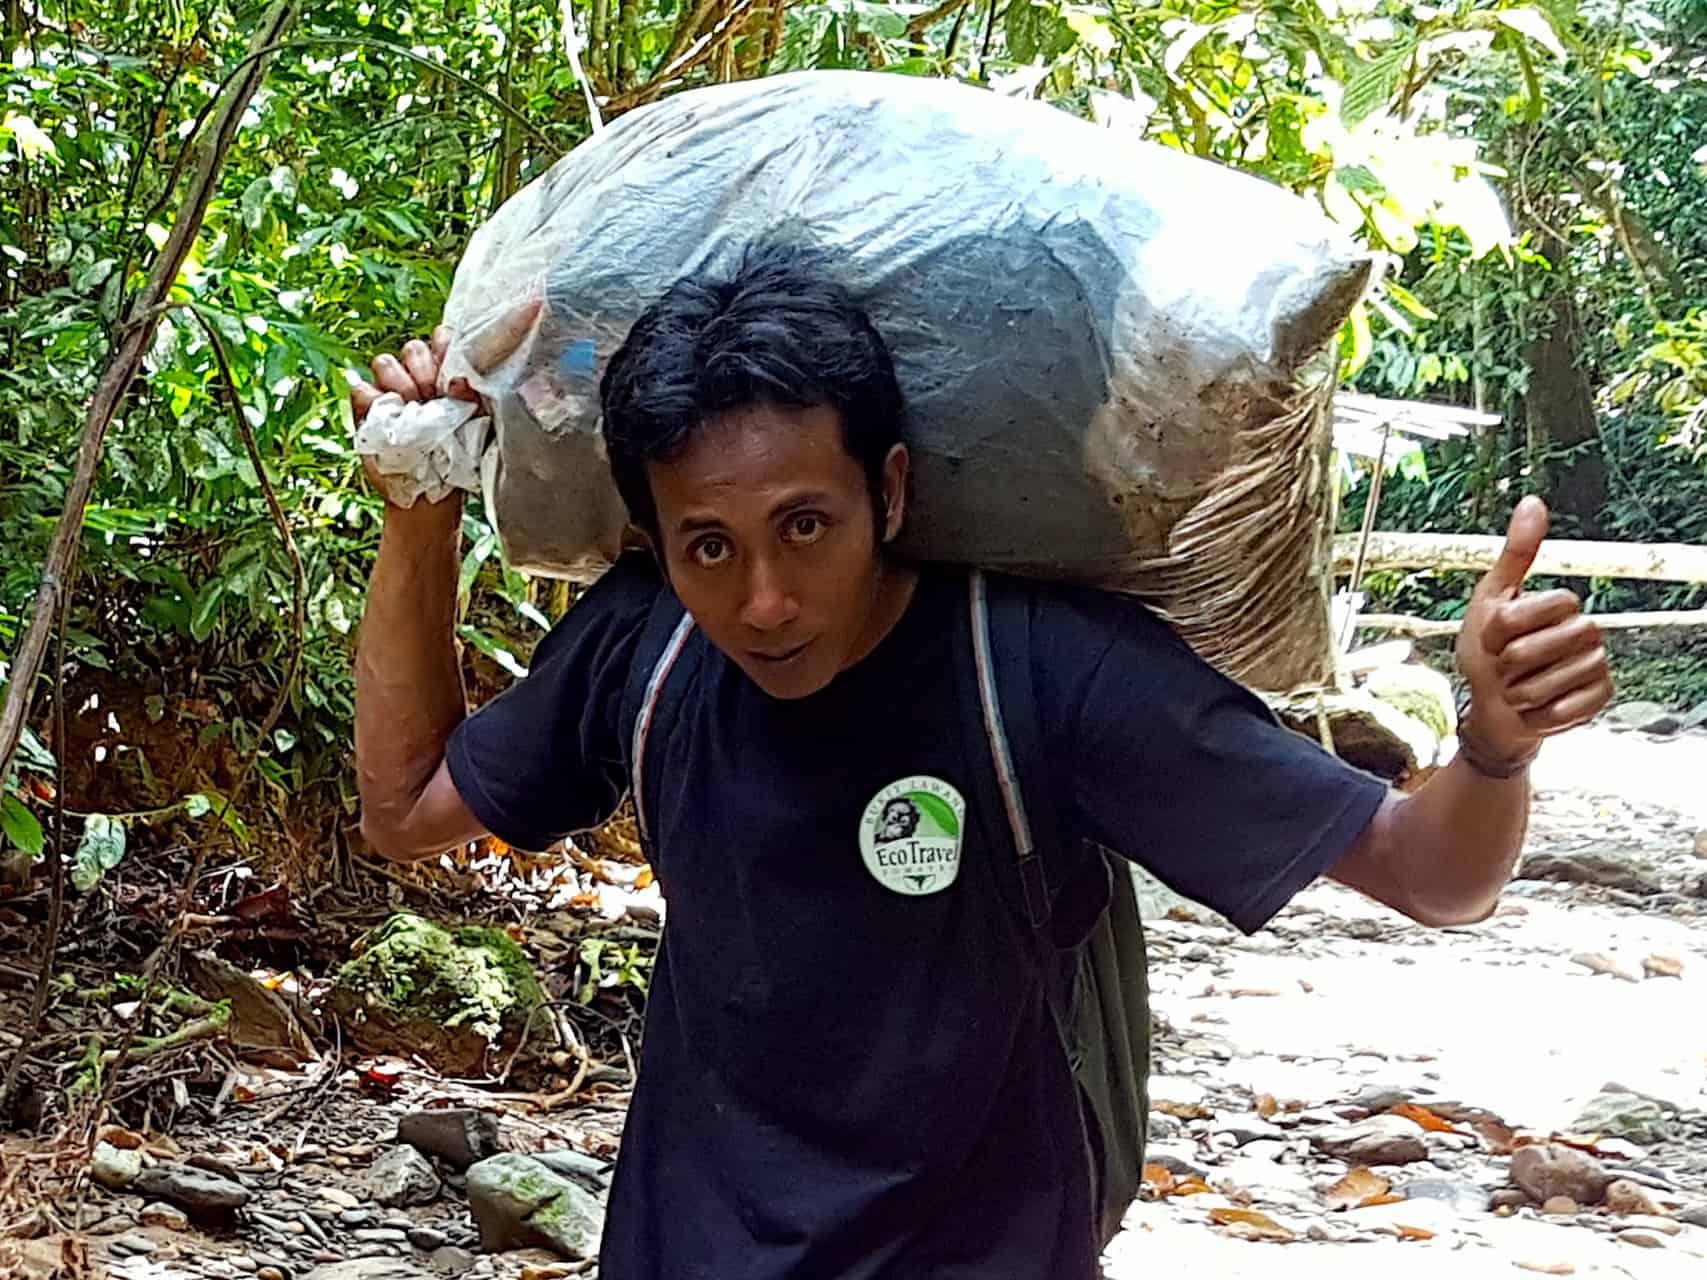 Keep The Jungle Clean - Sumatra Eco Travel Bukit Lawang